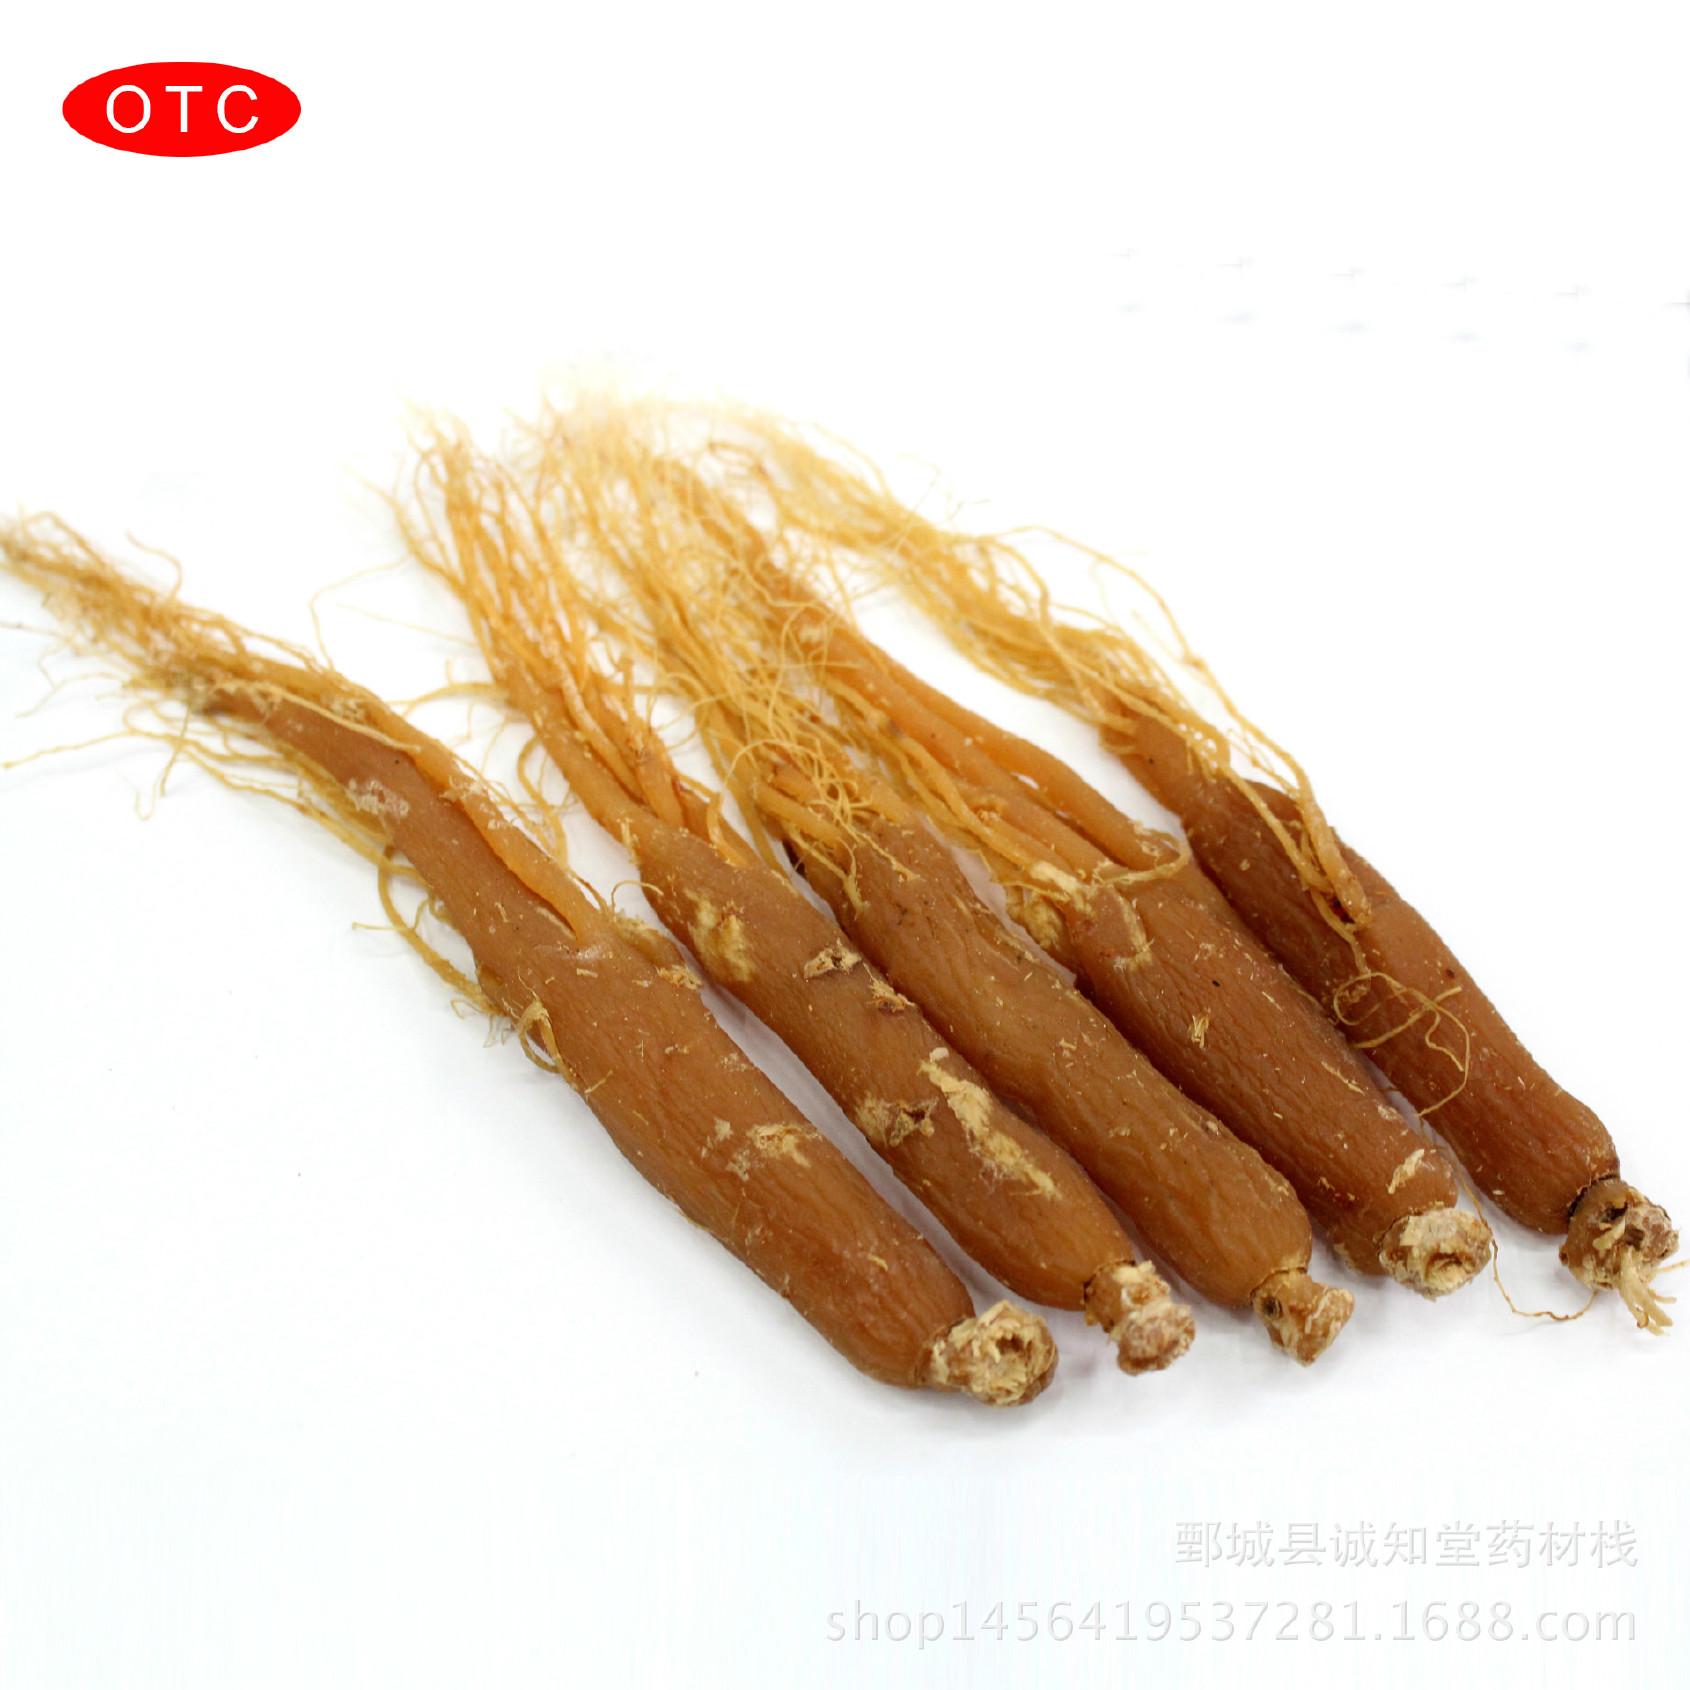 无糖红参v无糖孩子人参市场参个有发烧补养气的国际能吃花生酱吗图片